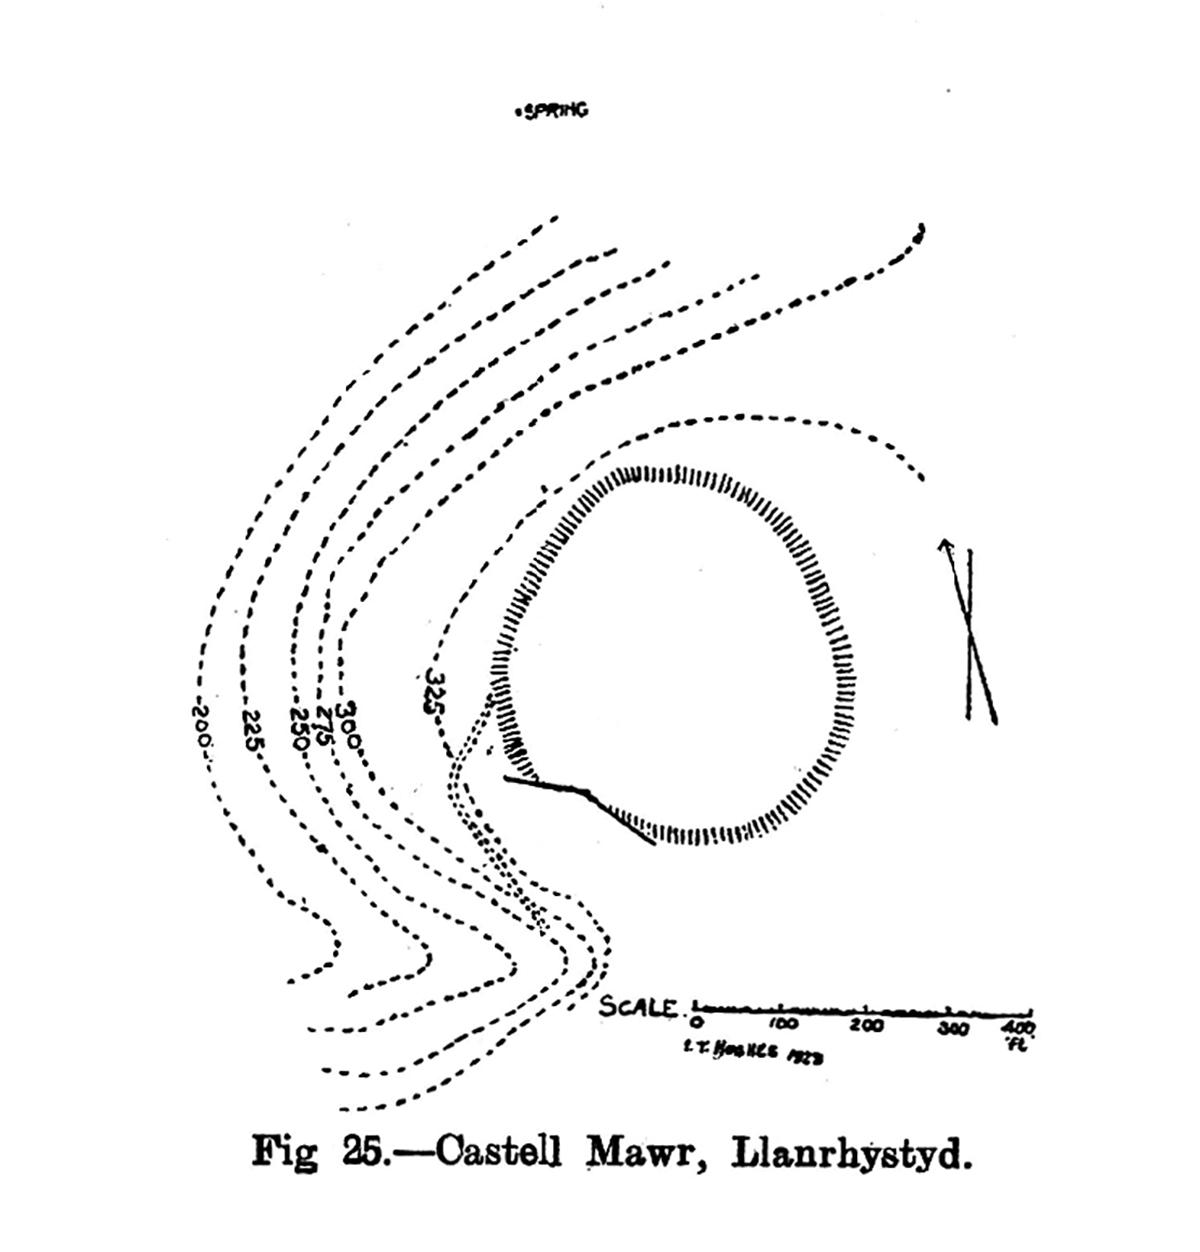 Site plan Castell Mawr Llanrhystyd